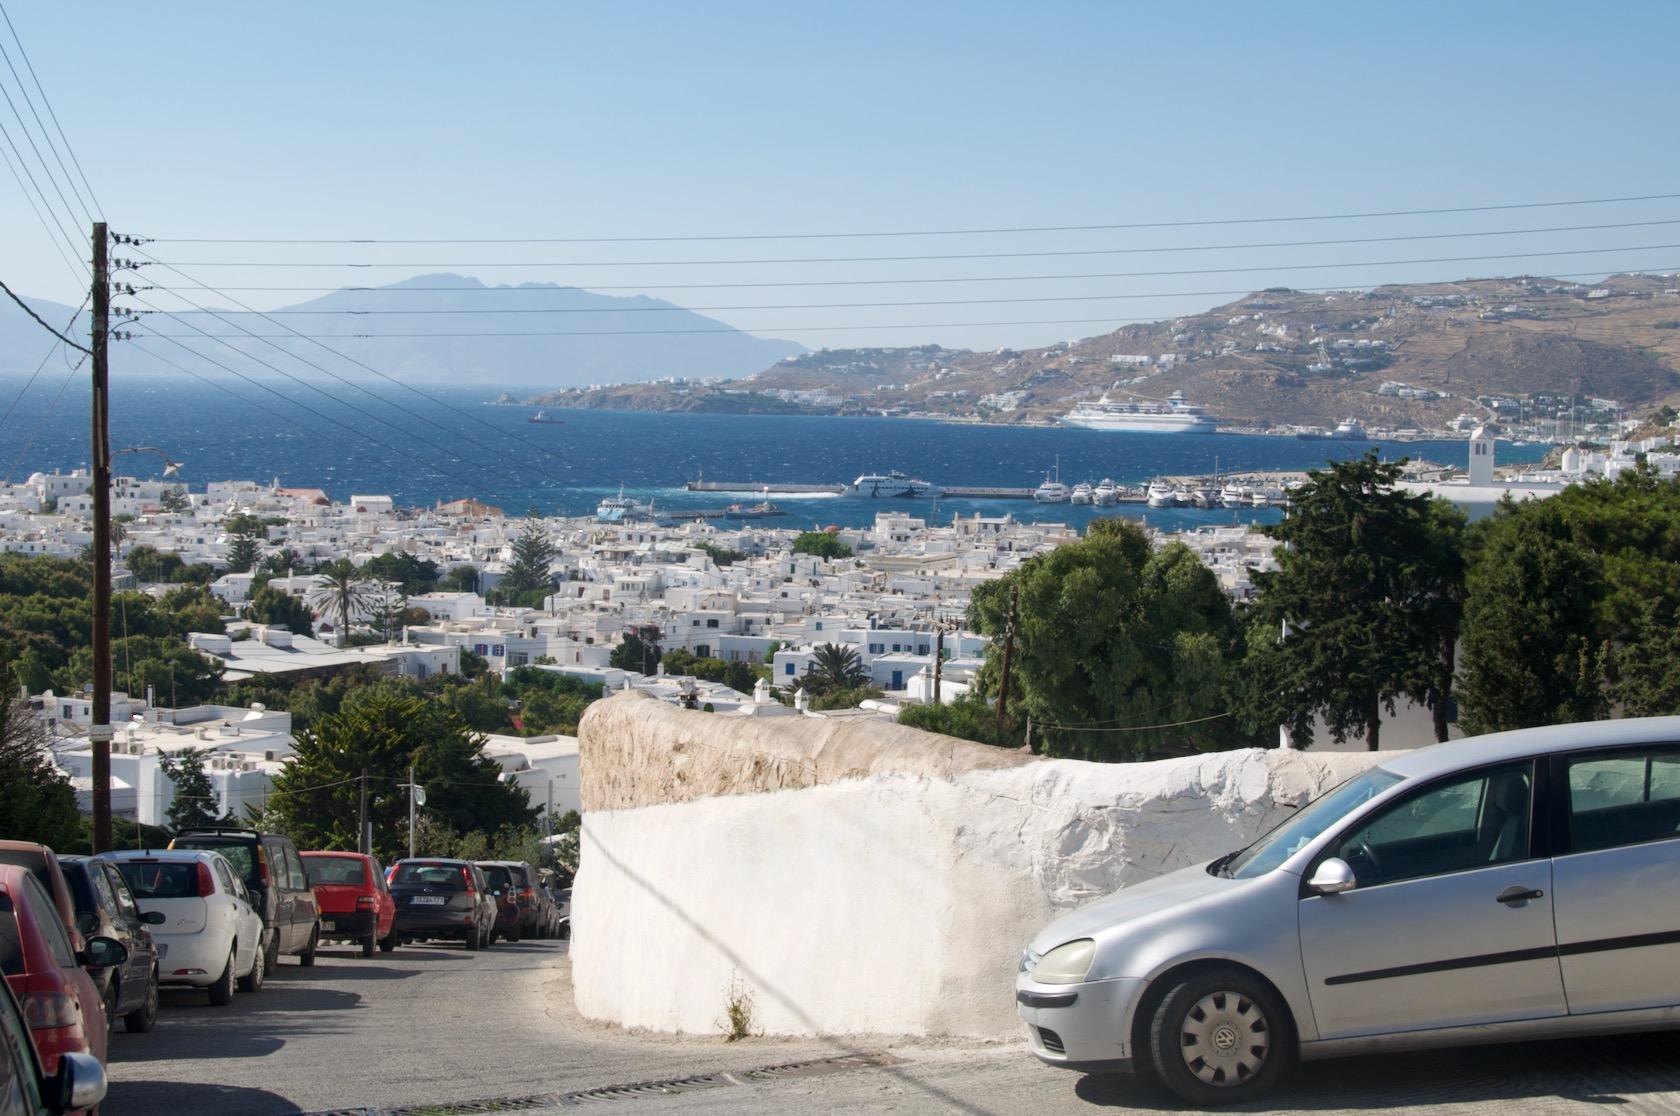 Mykonos scenery